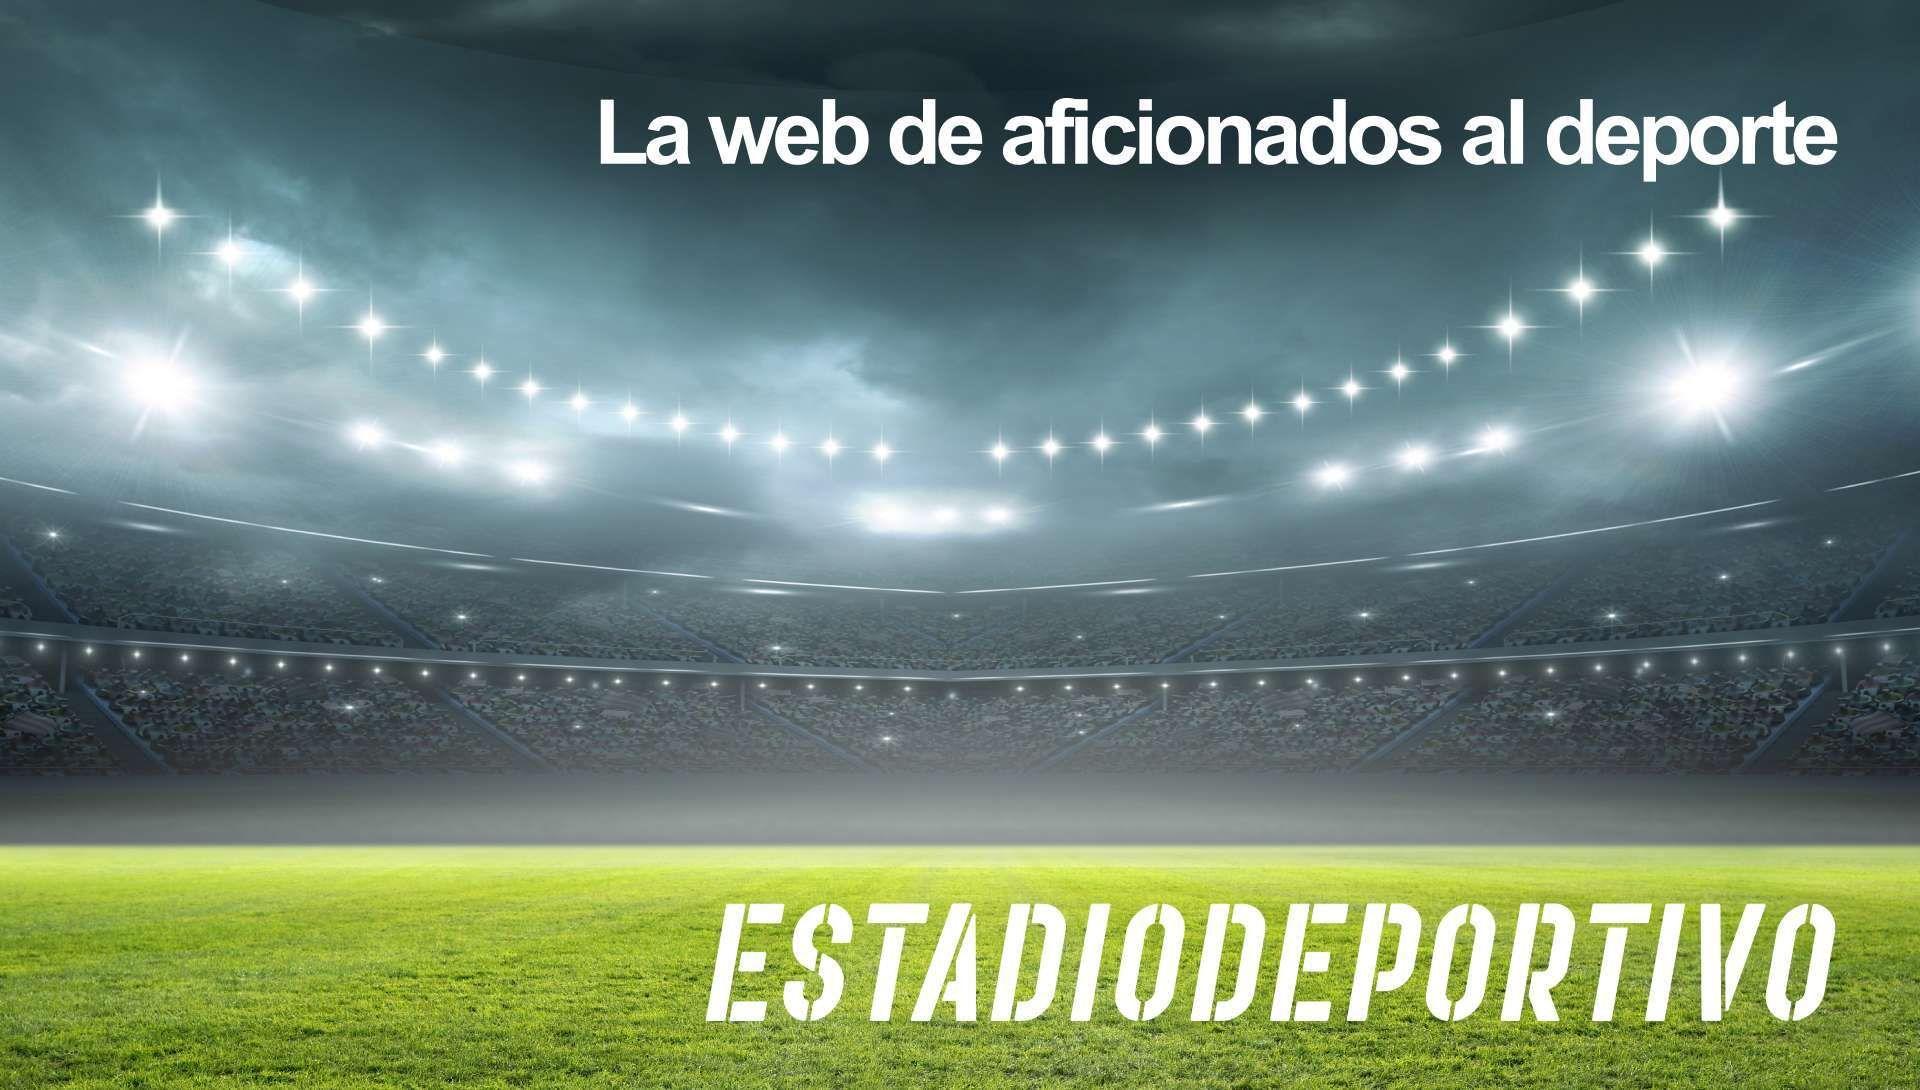 Las portadas del miércoles 7 de abril